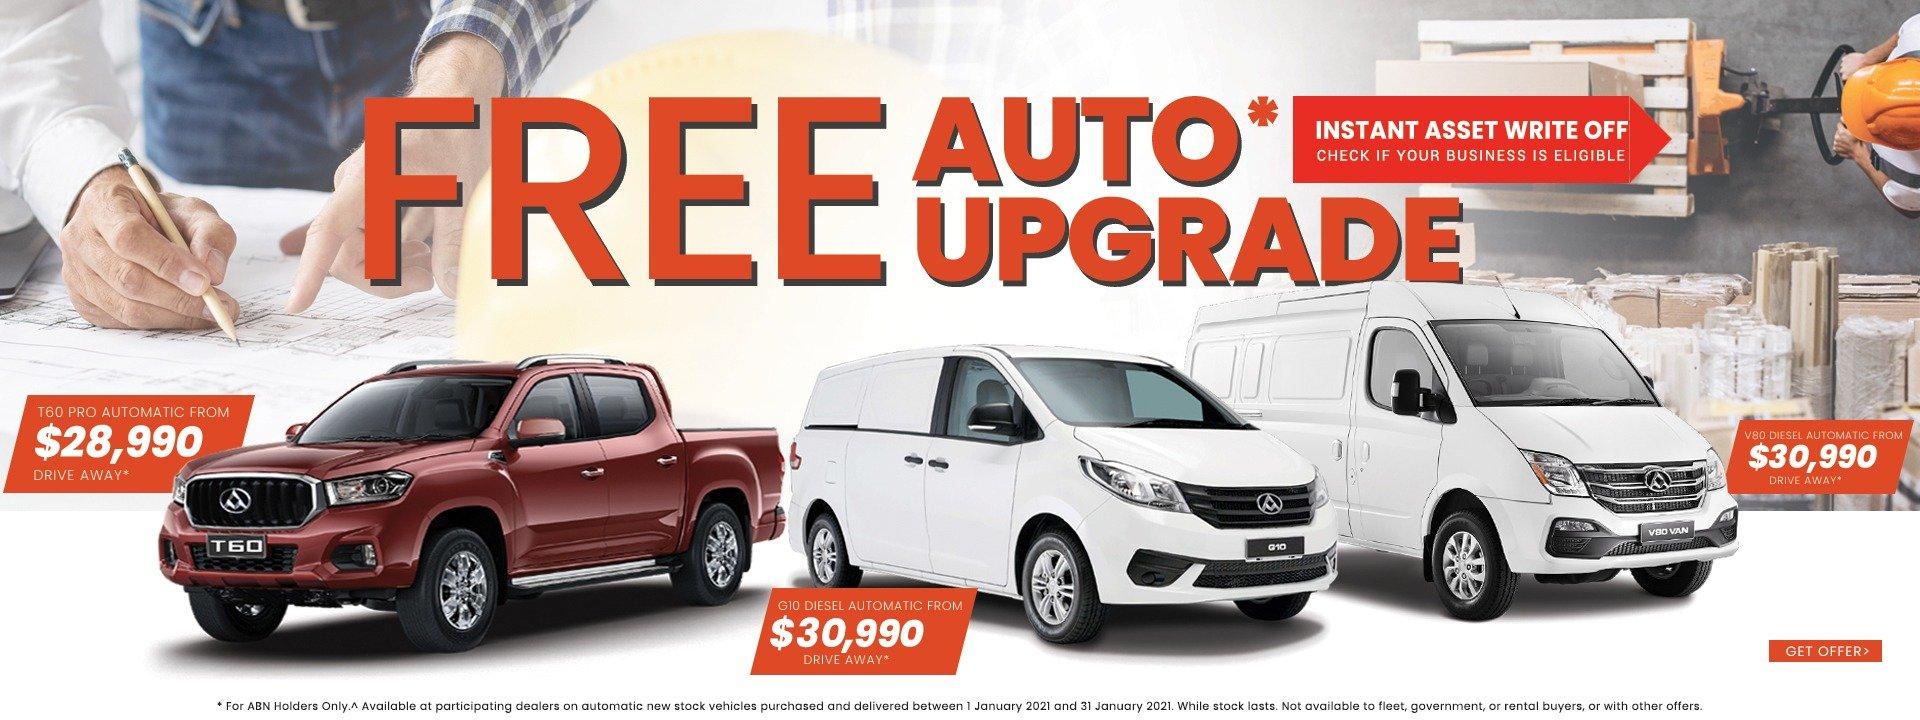 ldv_vehicle_sale